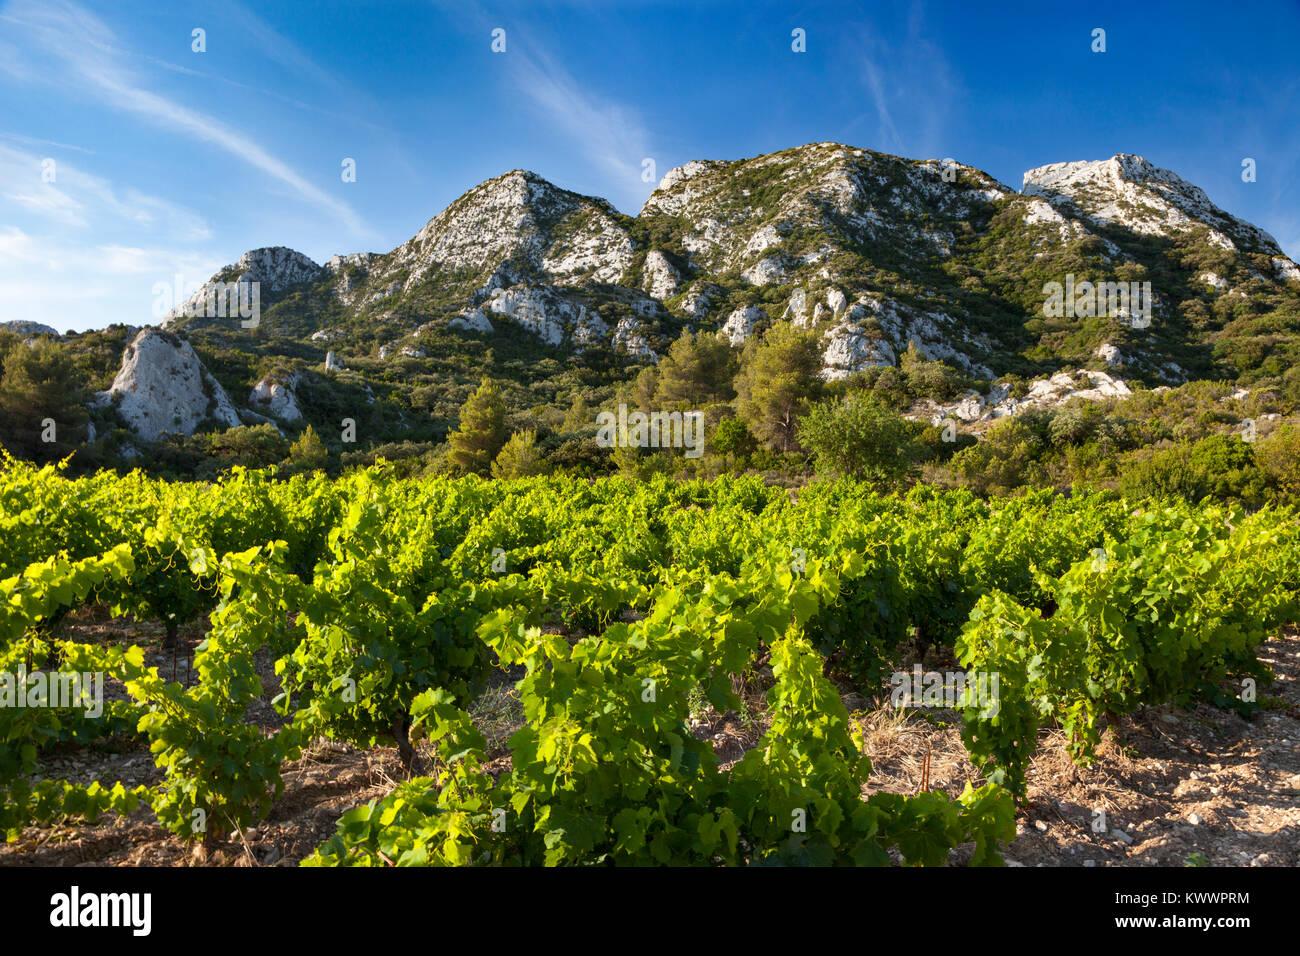 Les montagnes des Alpilles avec vue sur le vignoble de Château Romanin près de Saint Remy de Provence, Photo Stock